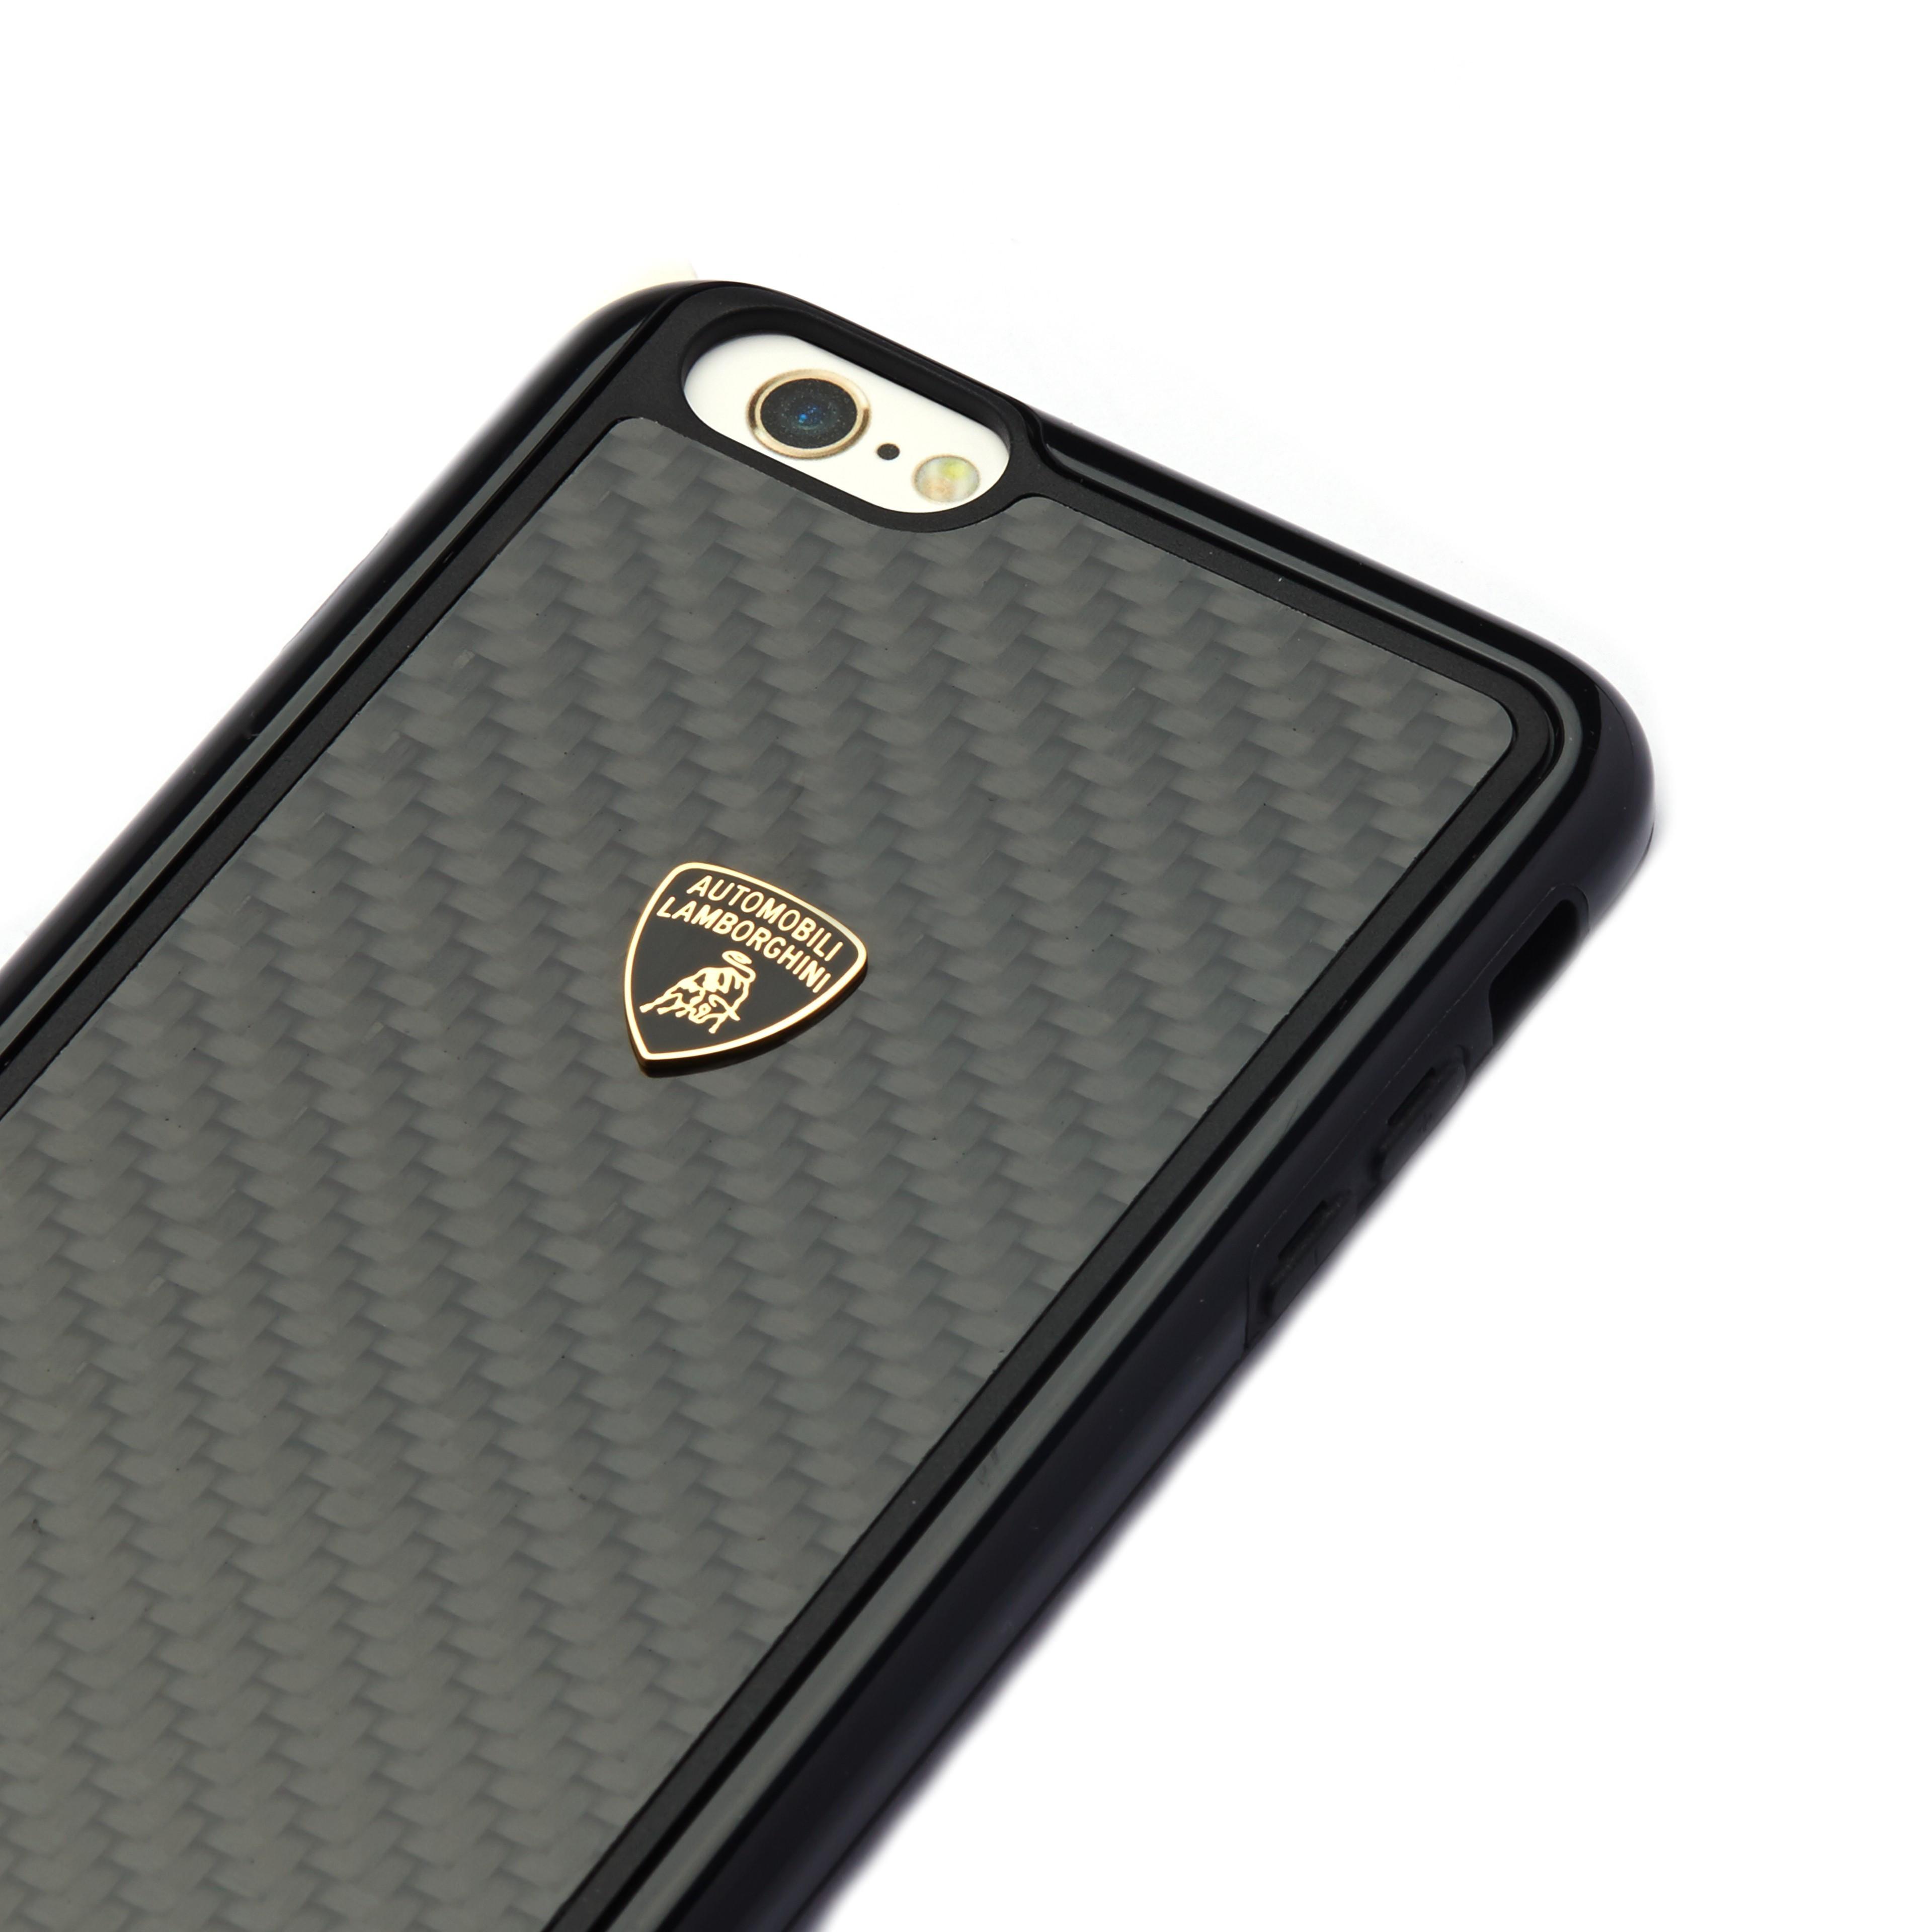 Lamborghini 174 Apple Iphone 6 Plus 6s Plus Official 3d Carbon Fiber Limited Edition Case Back Cover